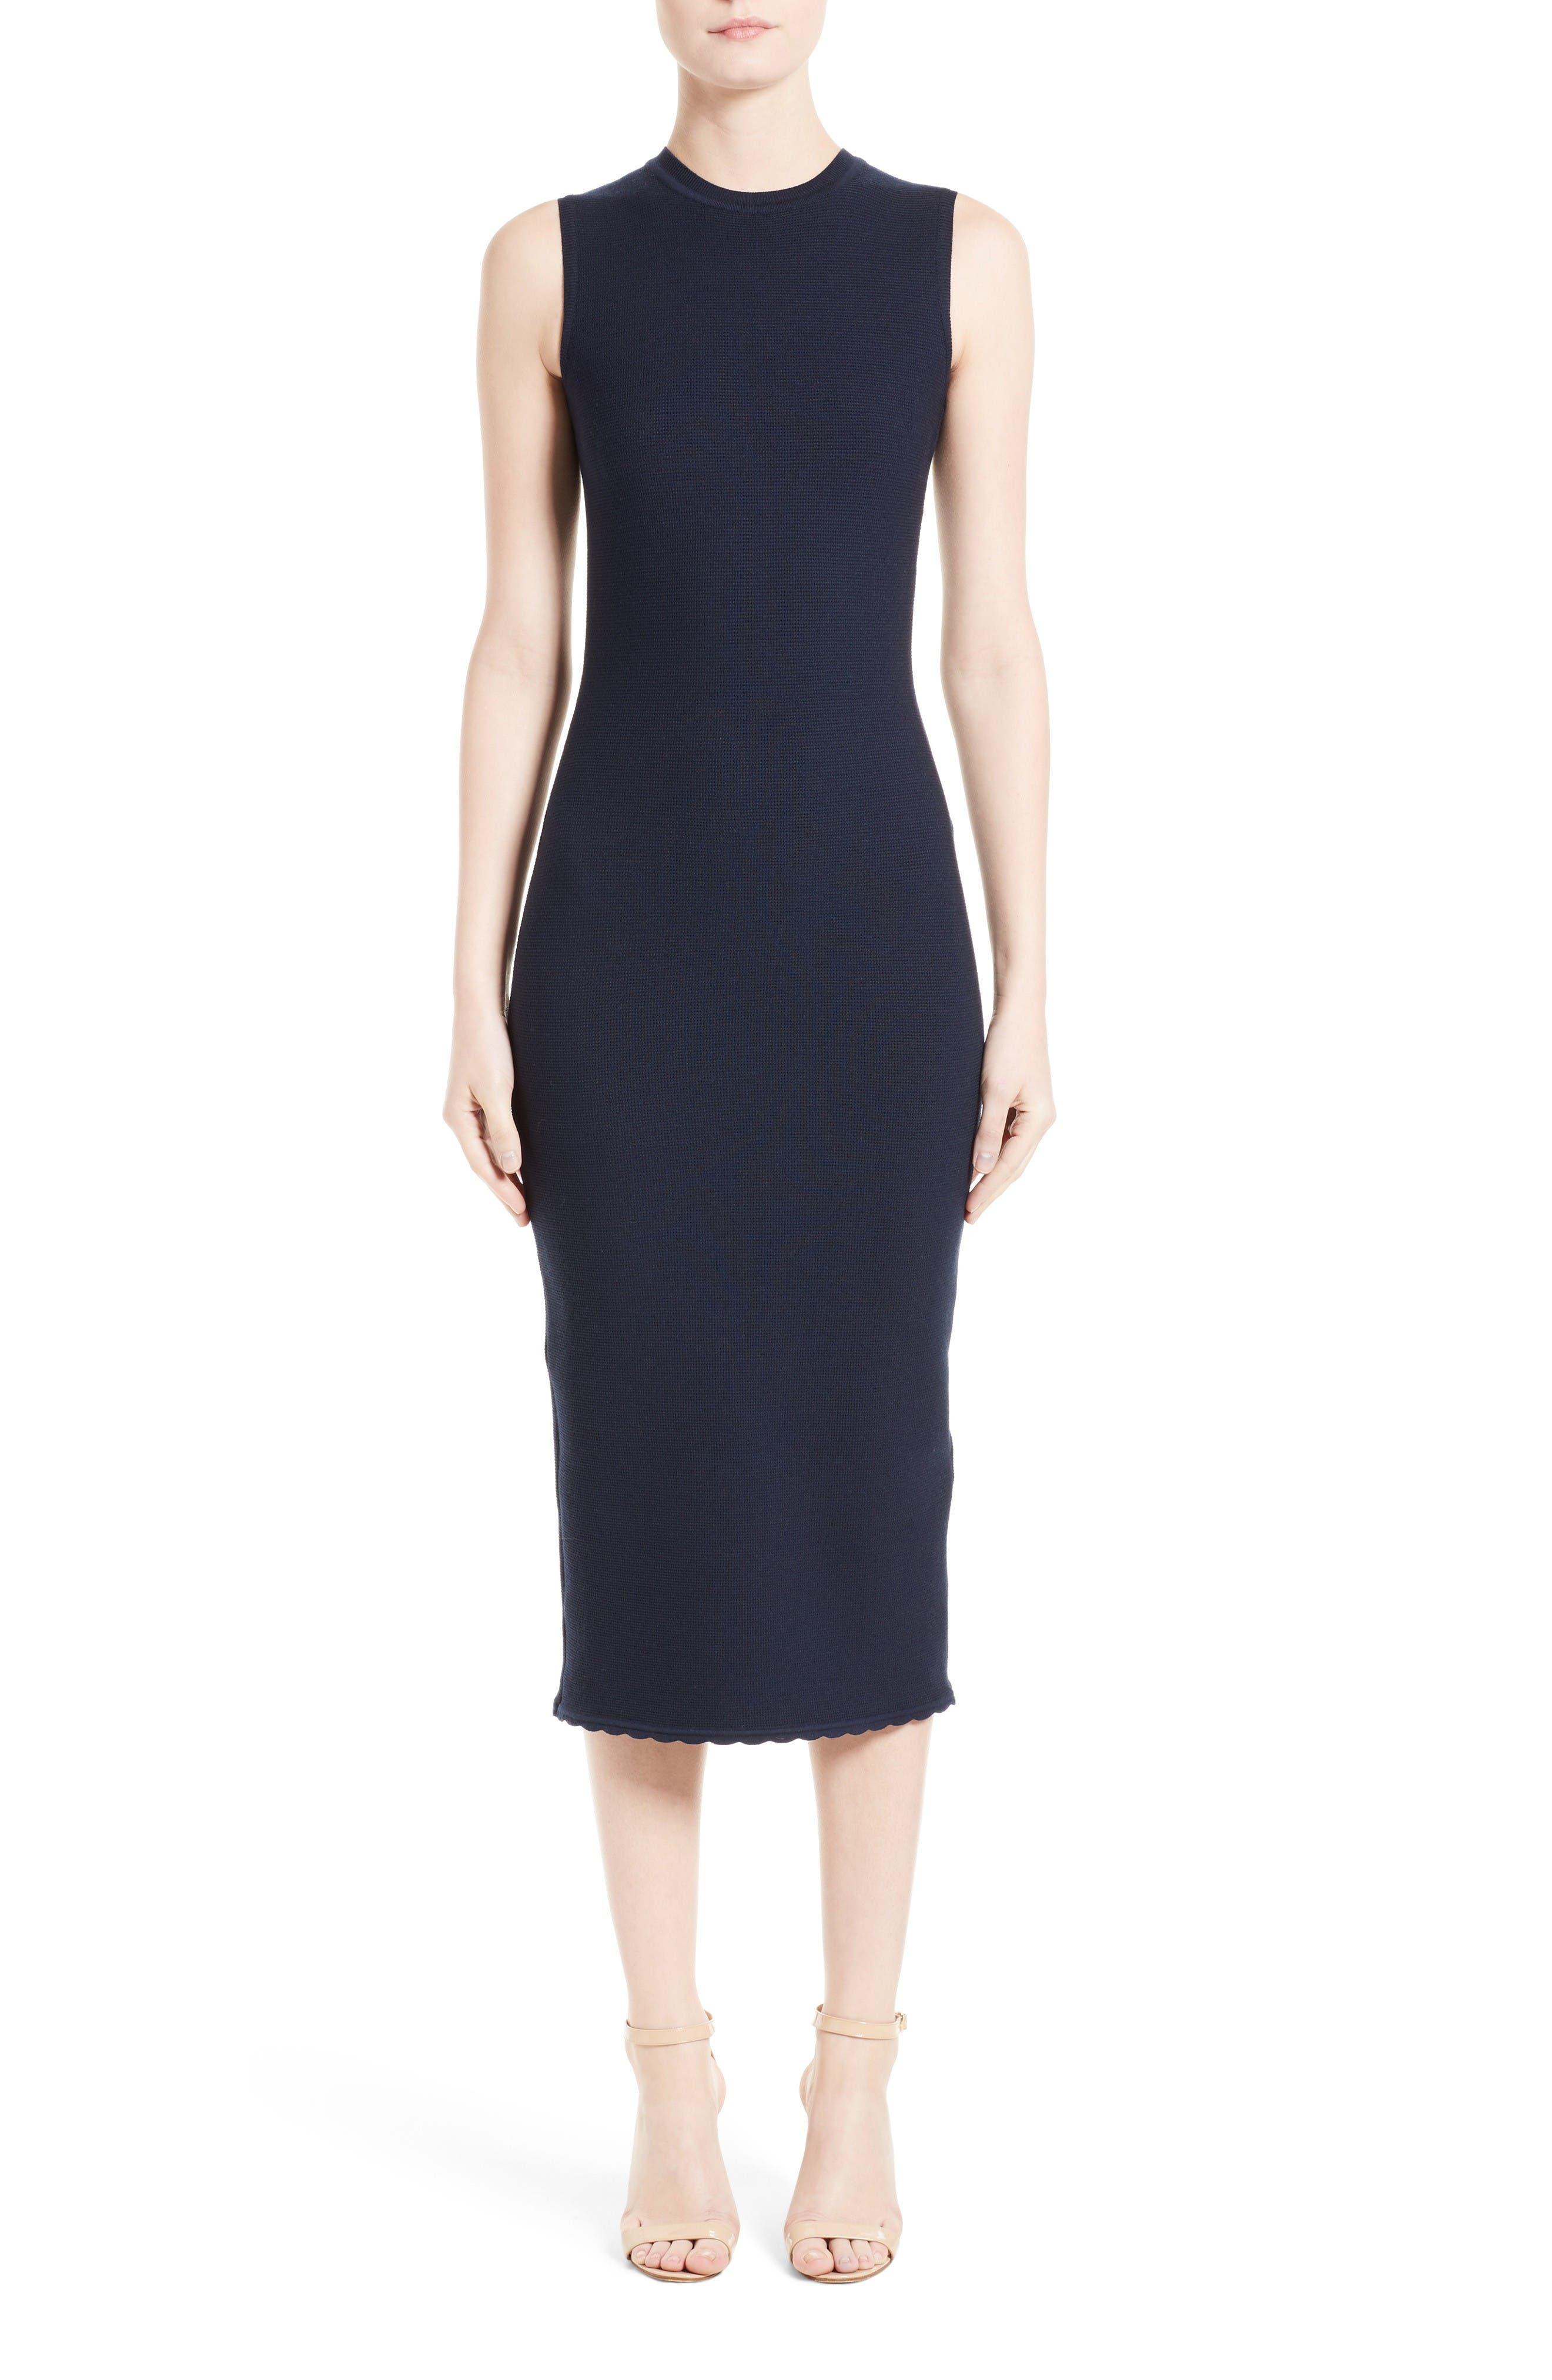 Main Image - Victoria Beckham Wool Blend Knit Scallop Dress